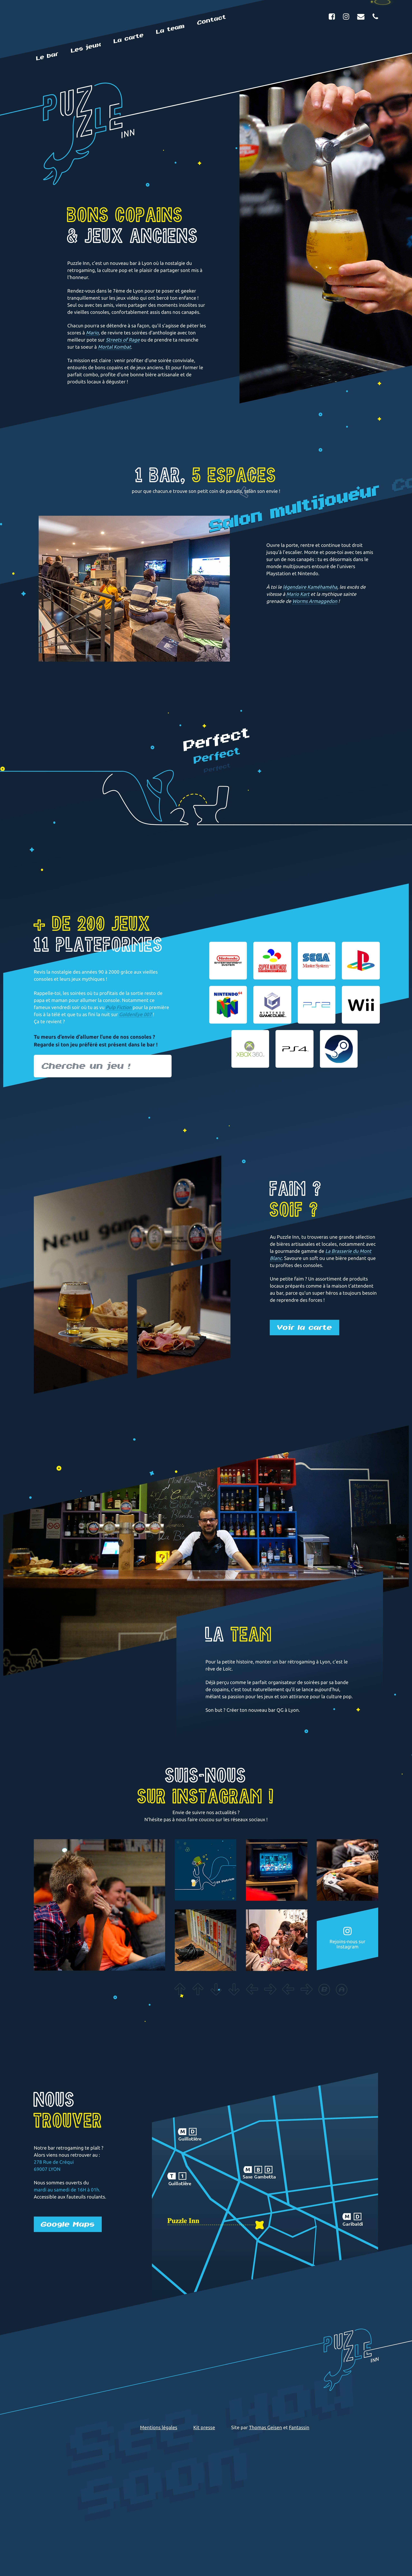 Puzzle Inn Website Screenshot